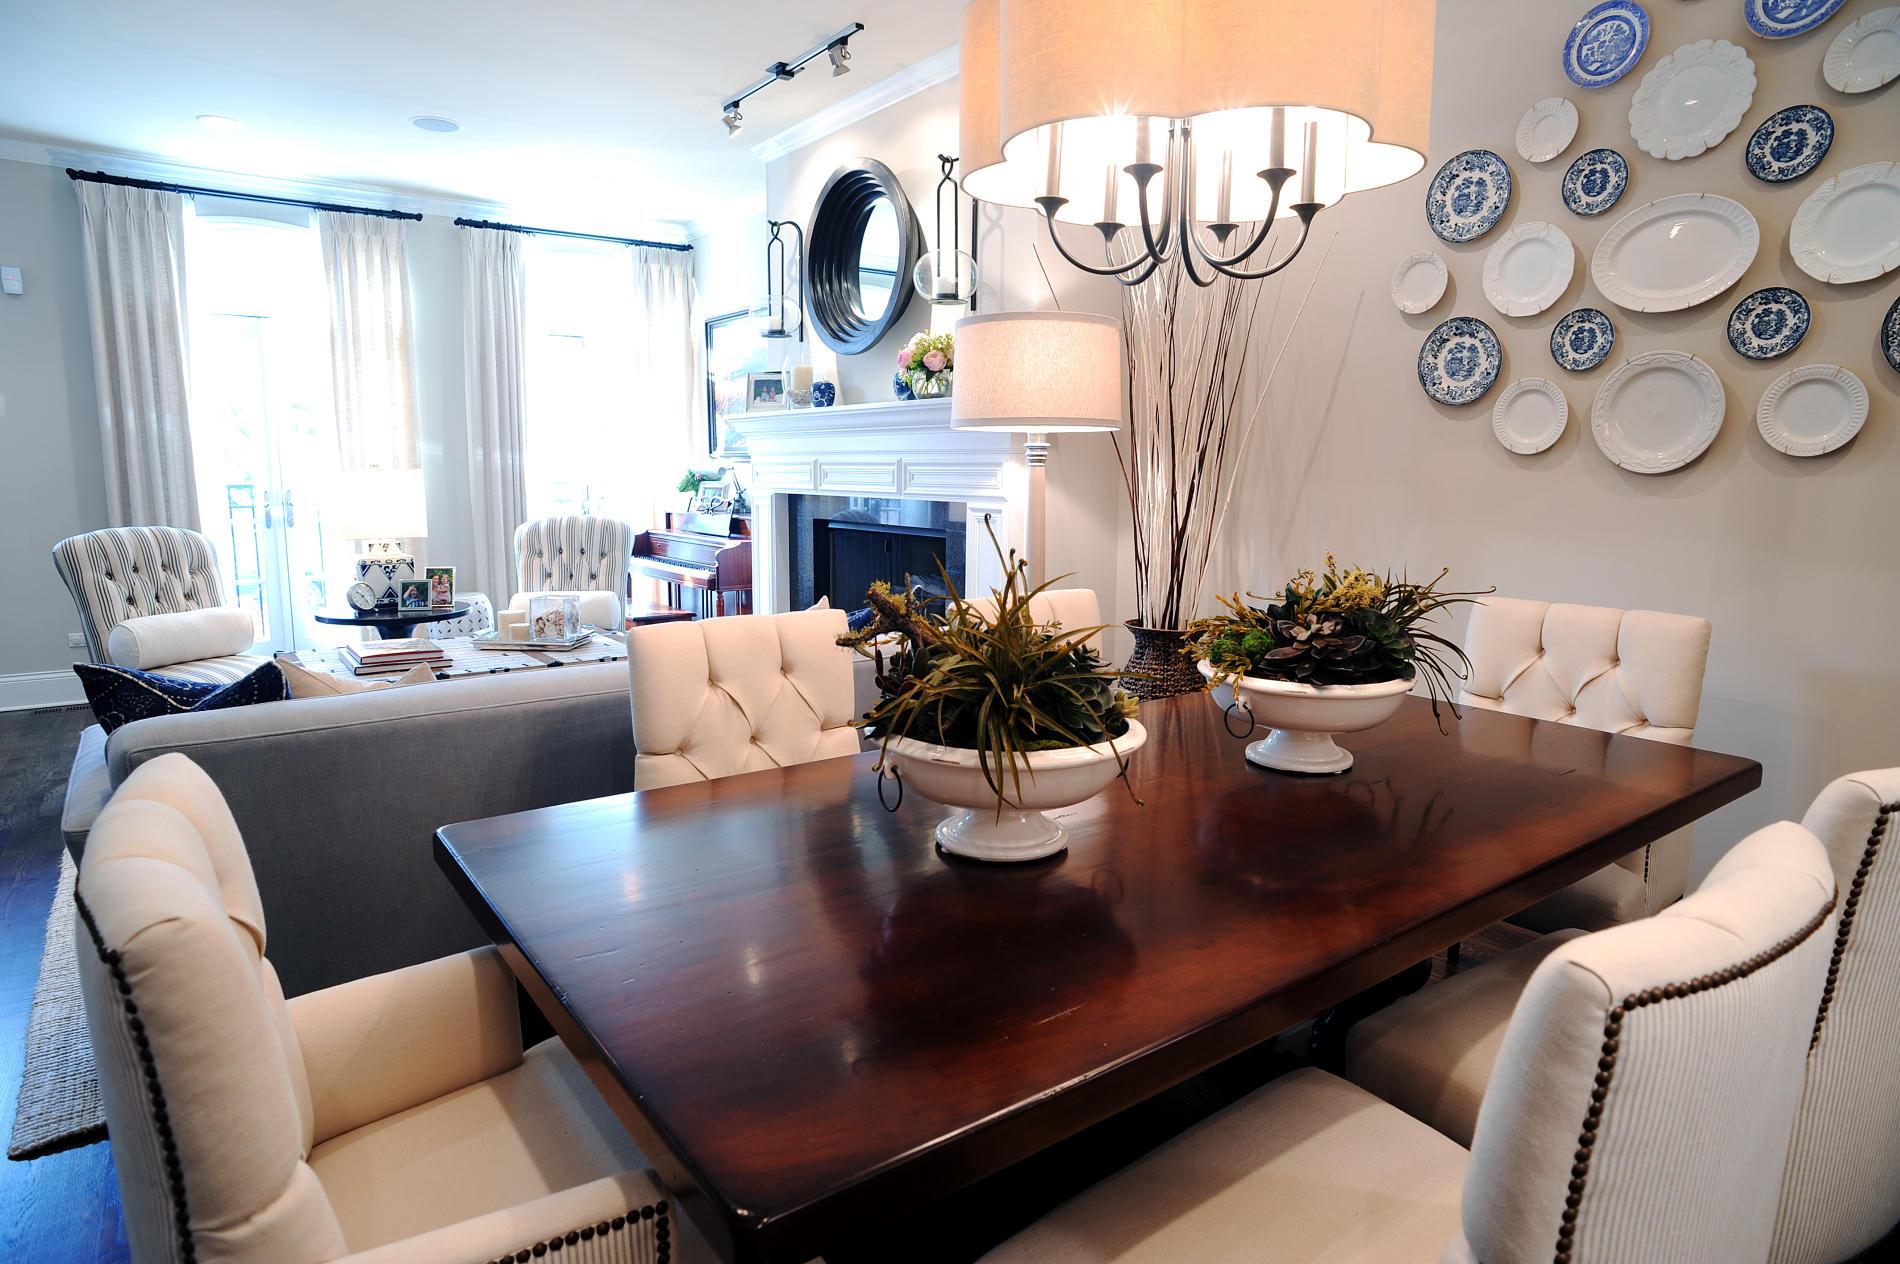 дизайн интерьера кухни-столовой.jpg